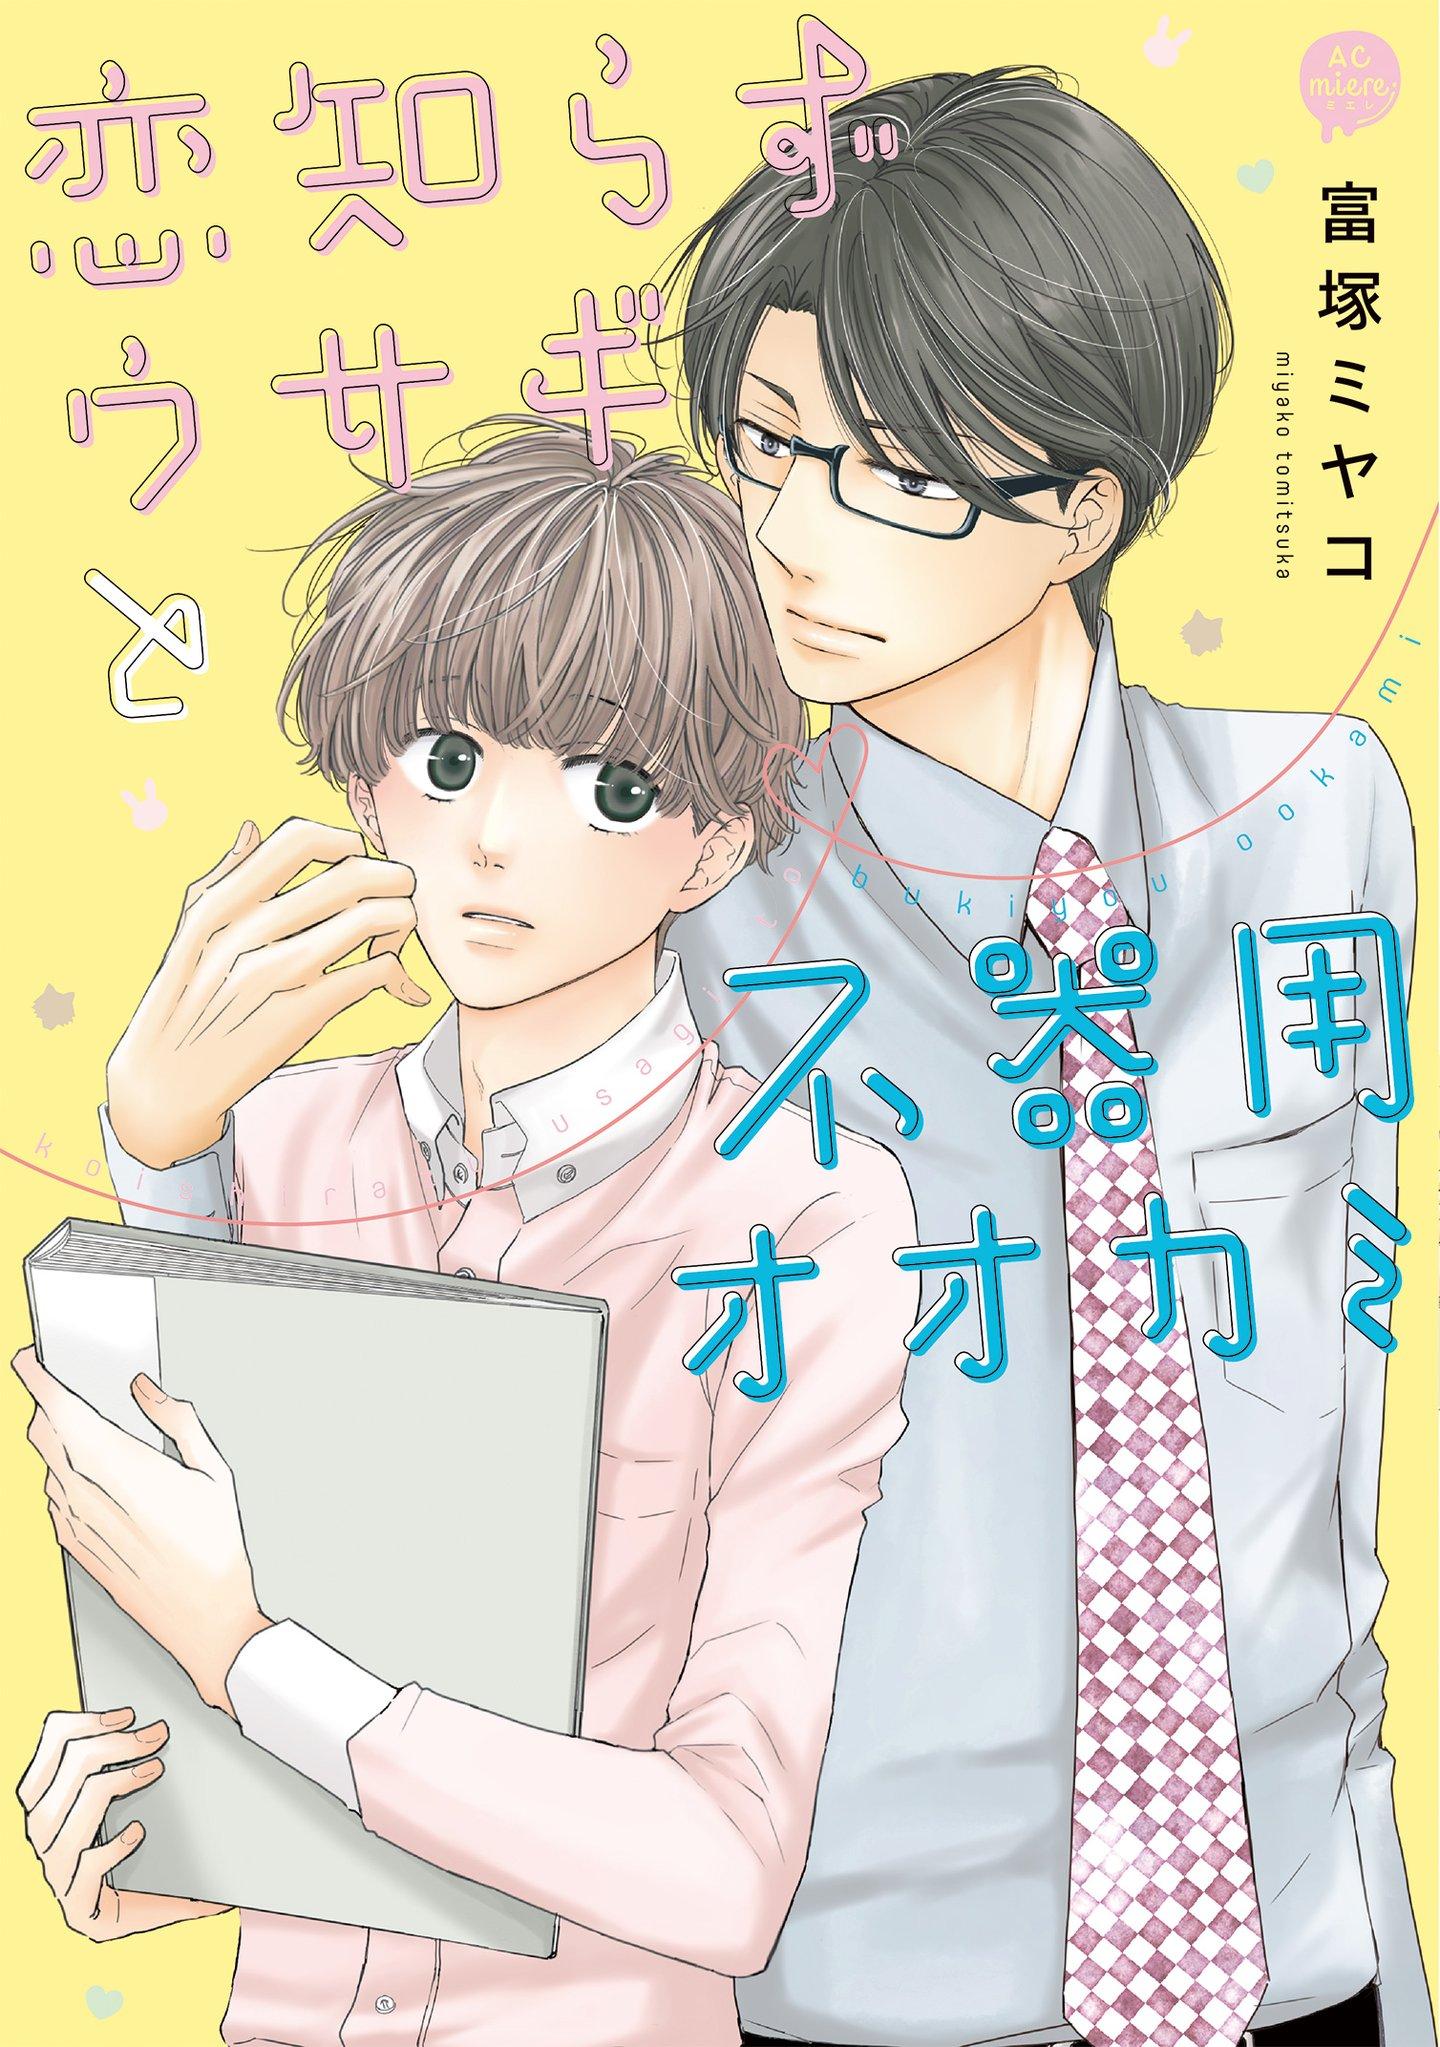 8月5日発売コミック【bl新刊】 blニュース 嗣子!受欢迎的王子等!